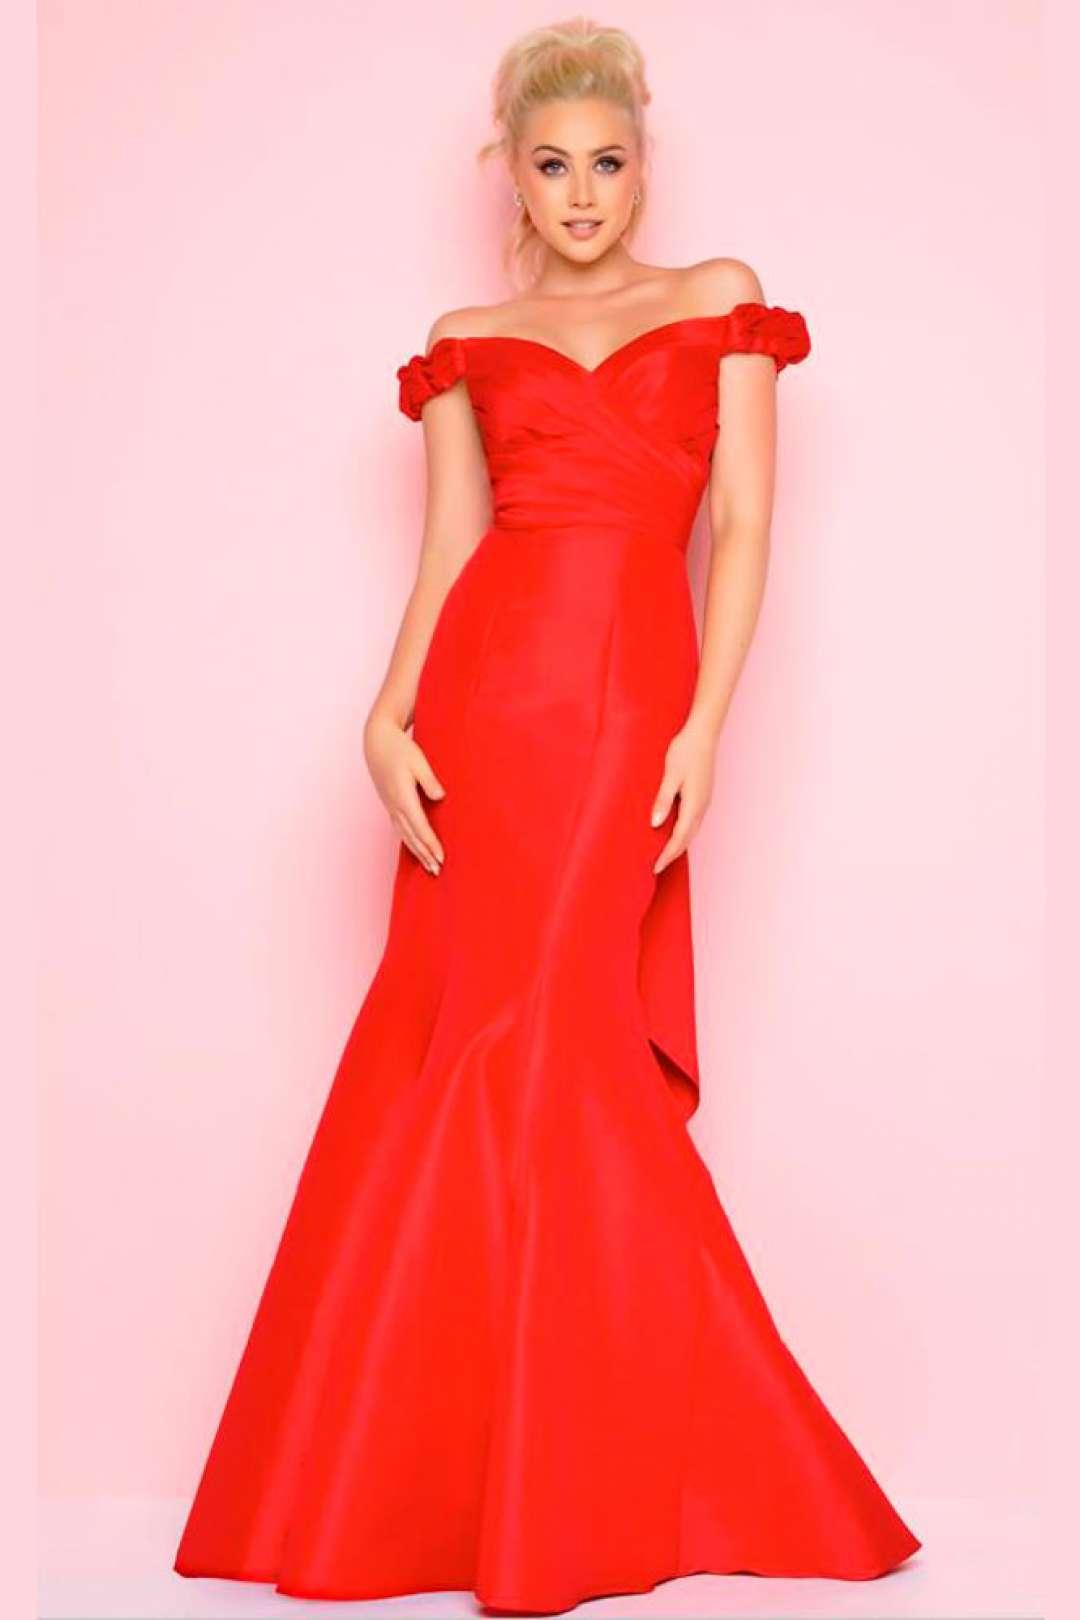 Excepcional Vestido De Fiesta Rojo La Femme Regalo - Colección de ...